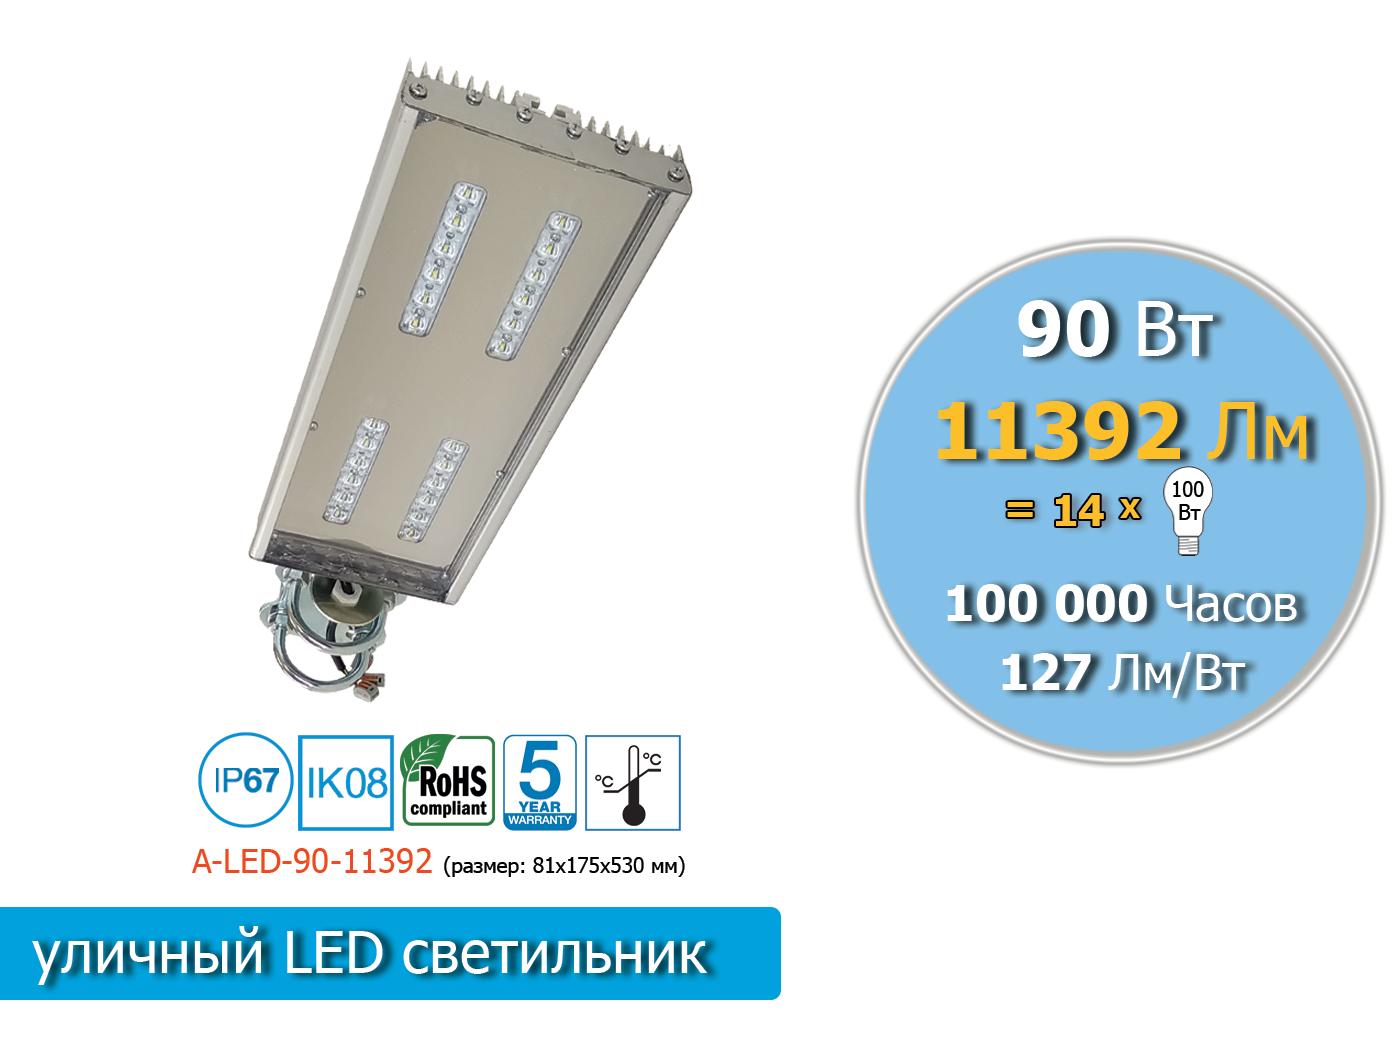 A-LED-90-11392-S